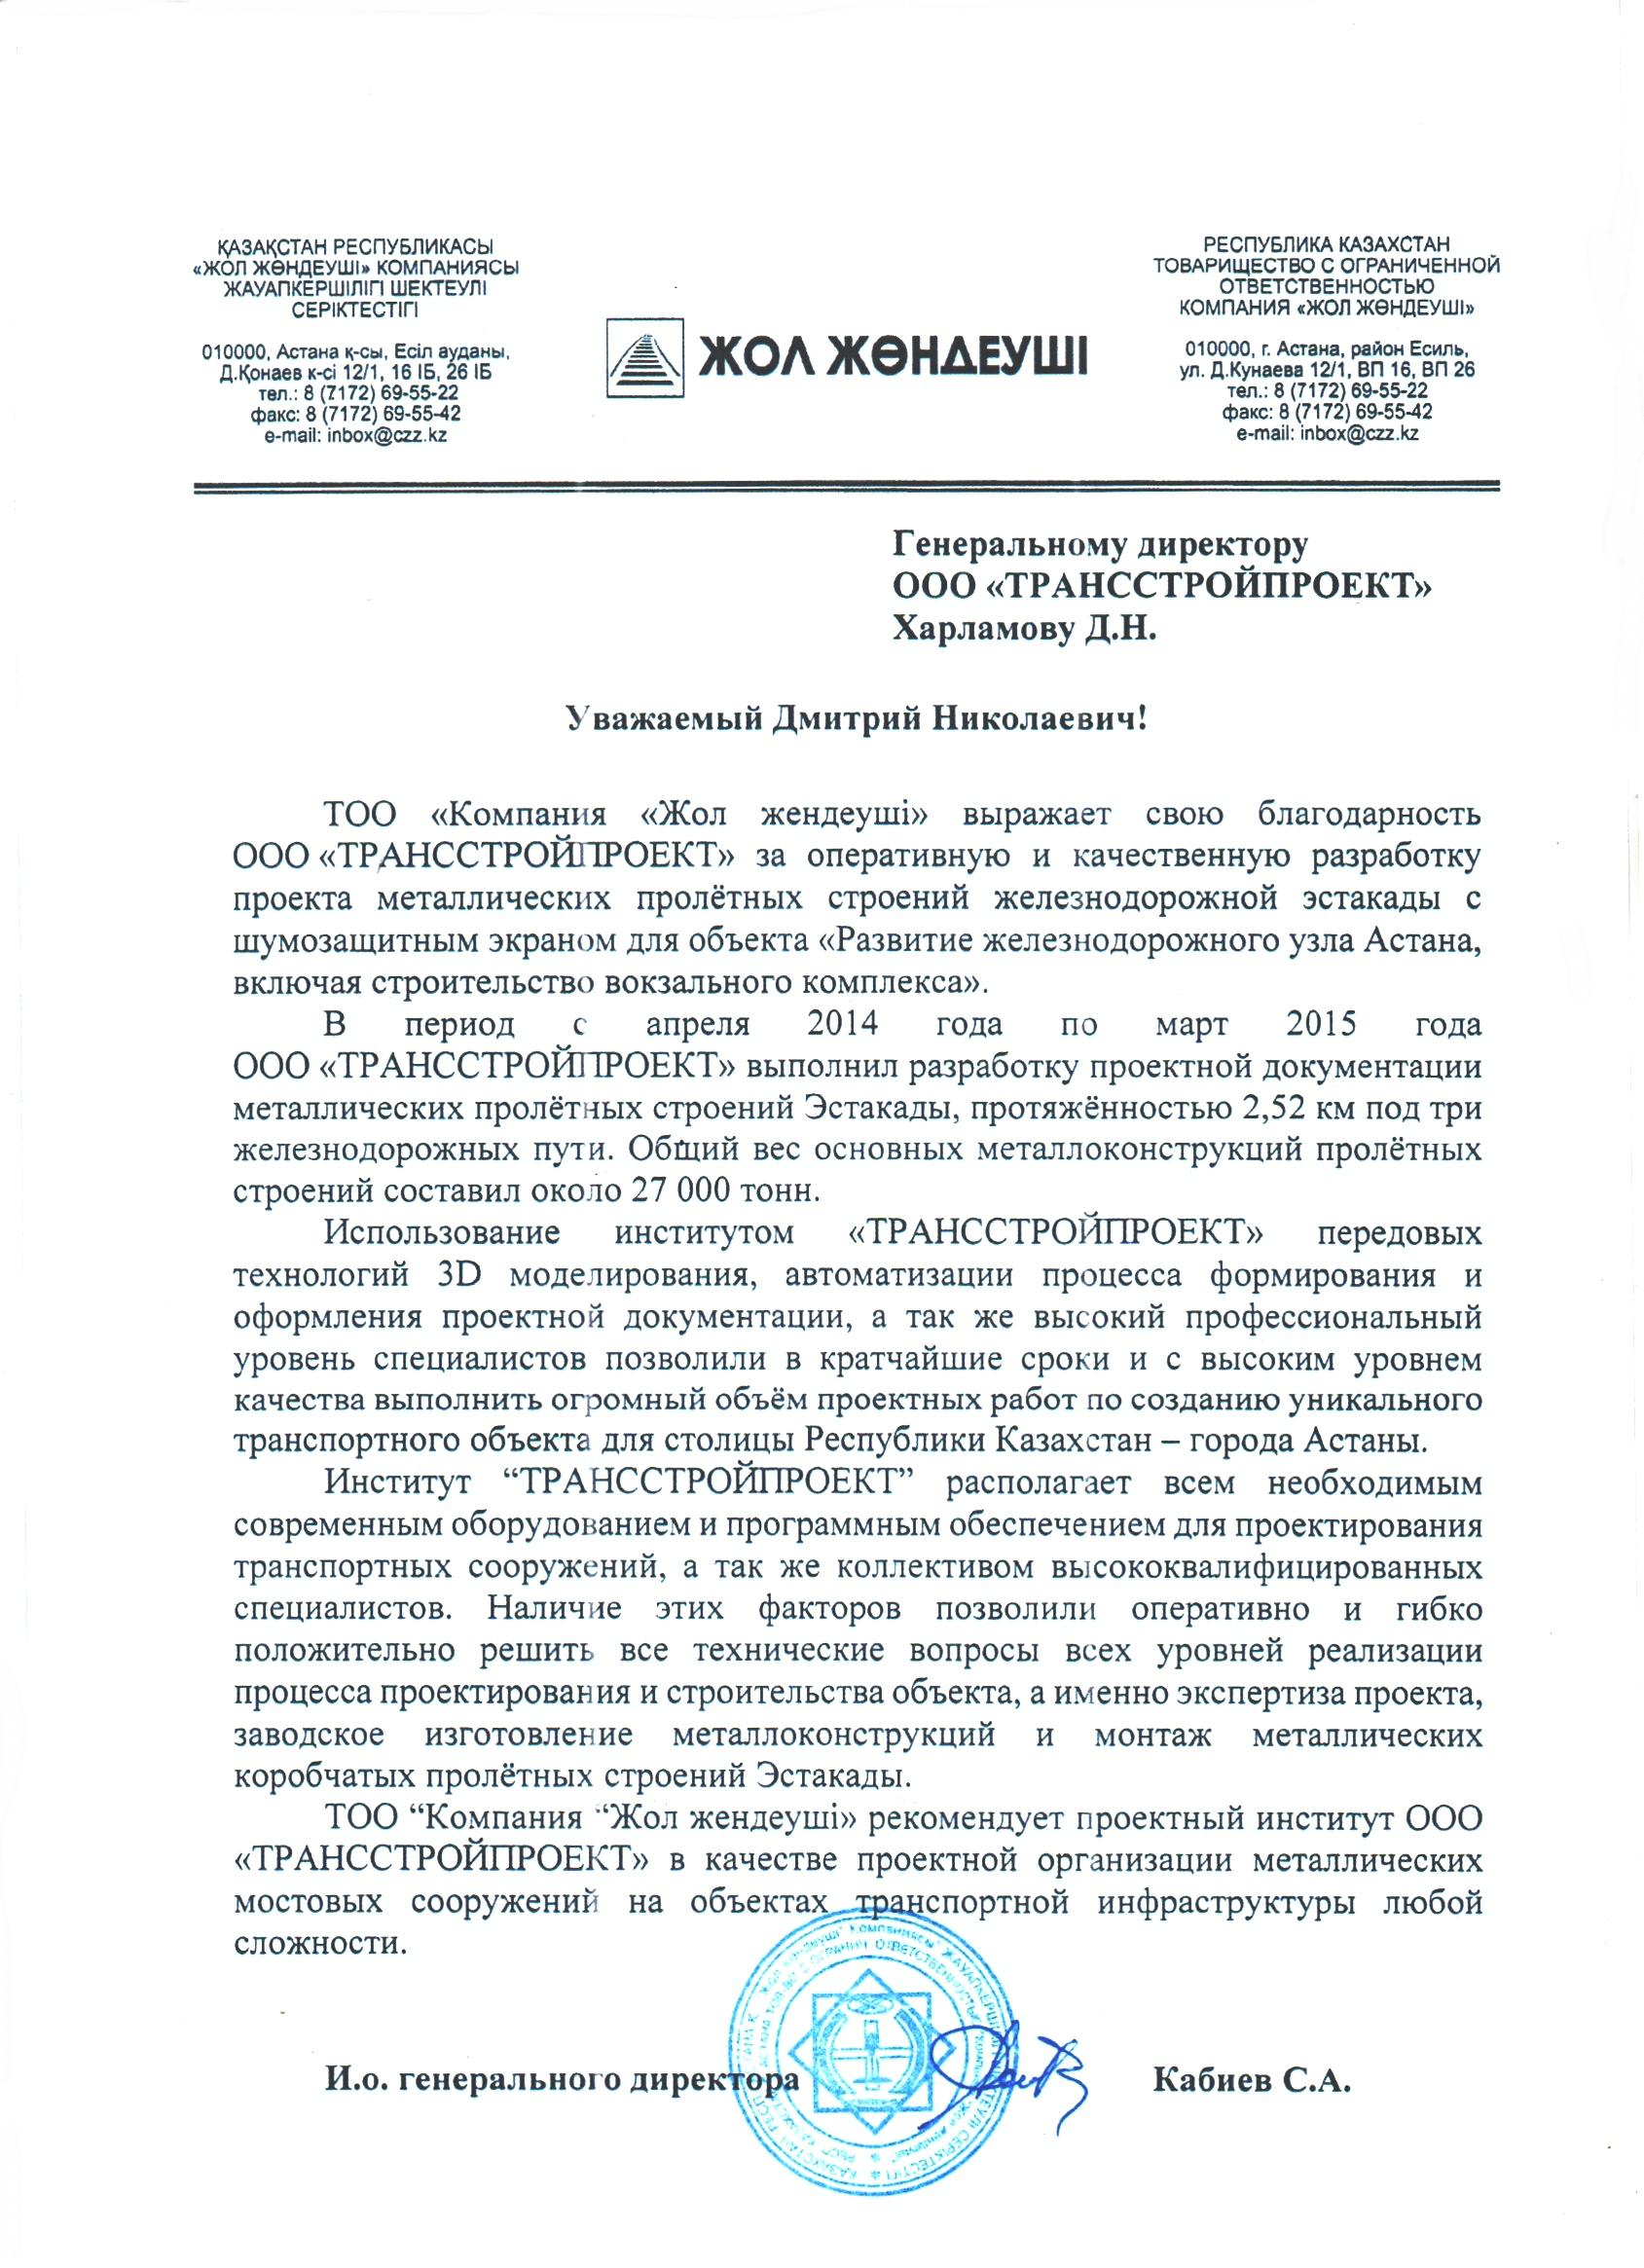 мосстрой-12 отзыв трансстройпроект